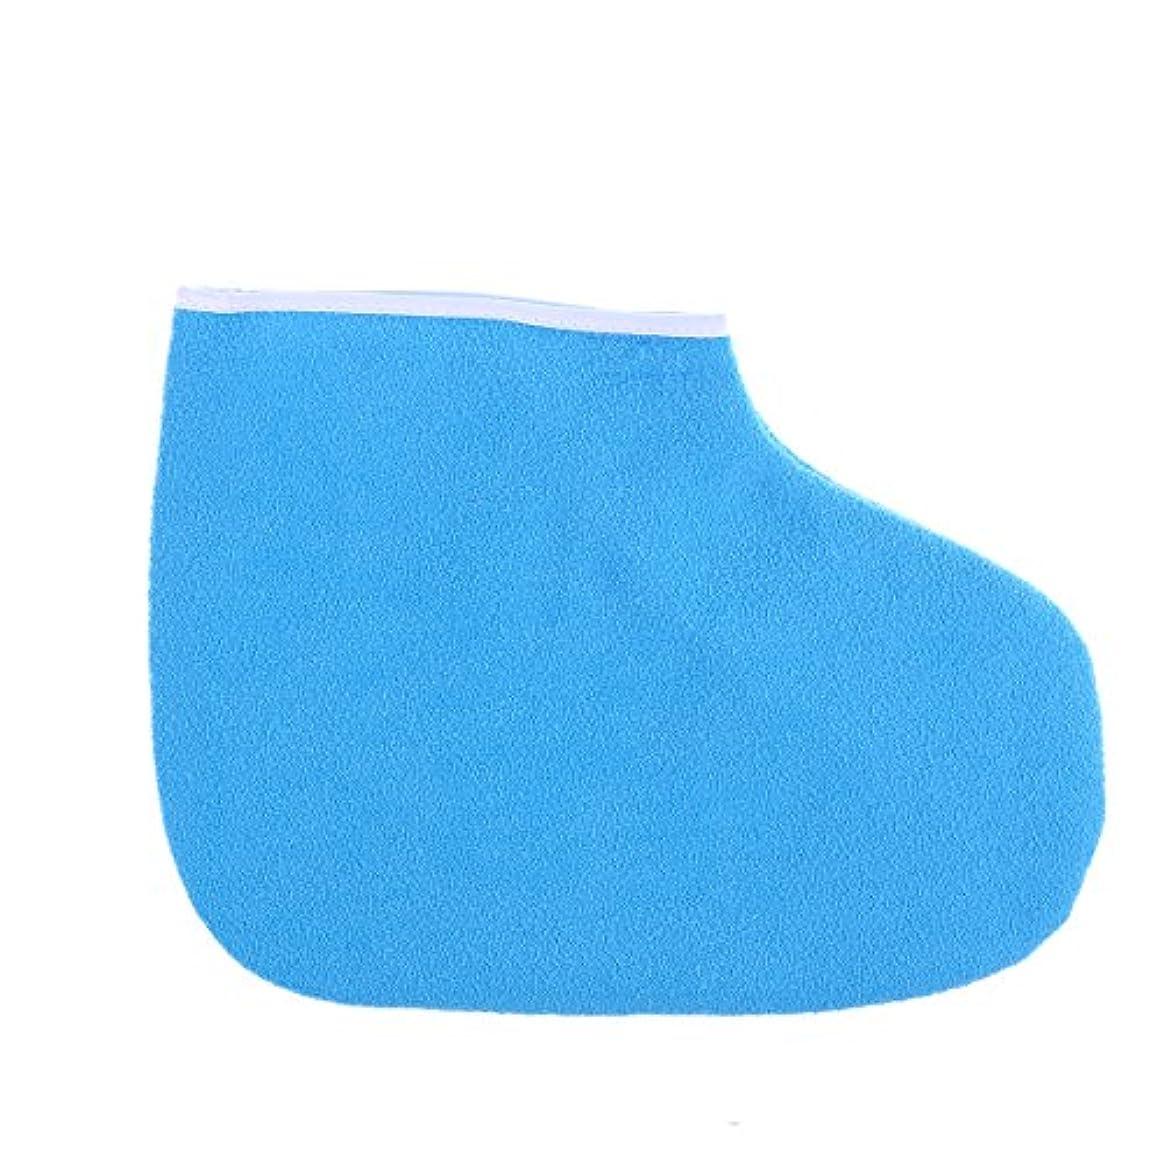 出身地筋肉の買収Healifty パラフィンワックスブーティーマニキュアペディキュアトリートメントブーツ(ブルー)